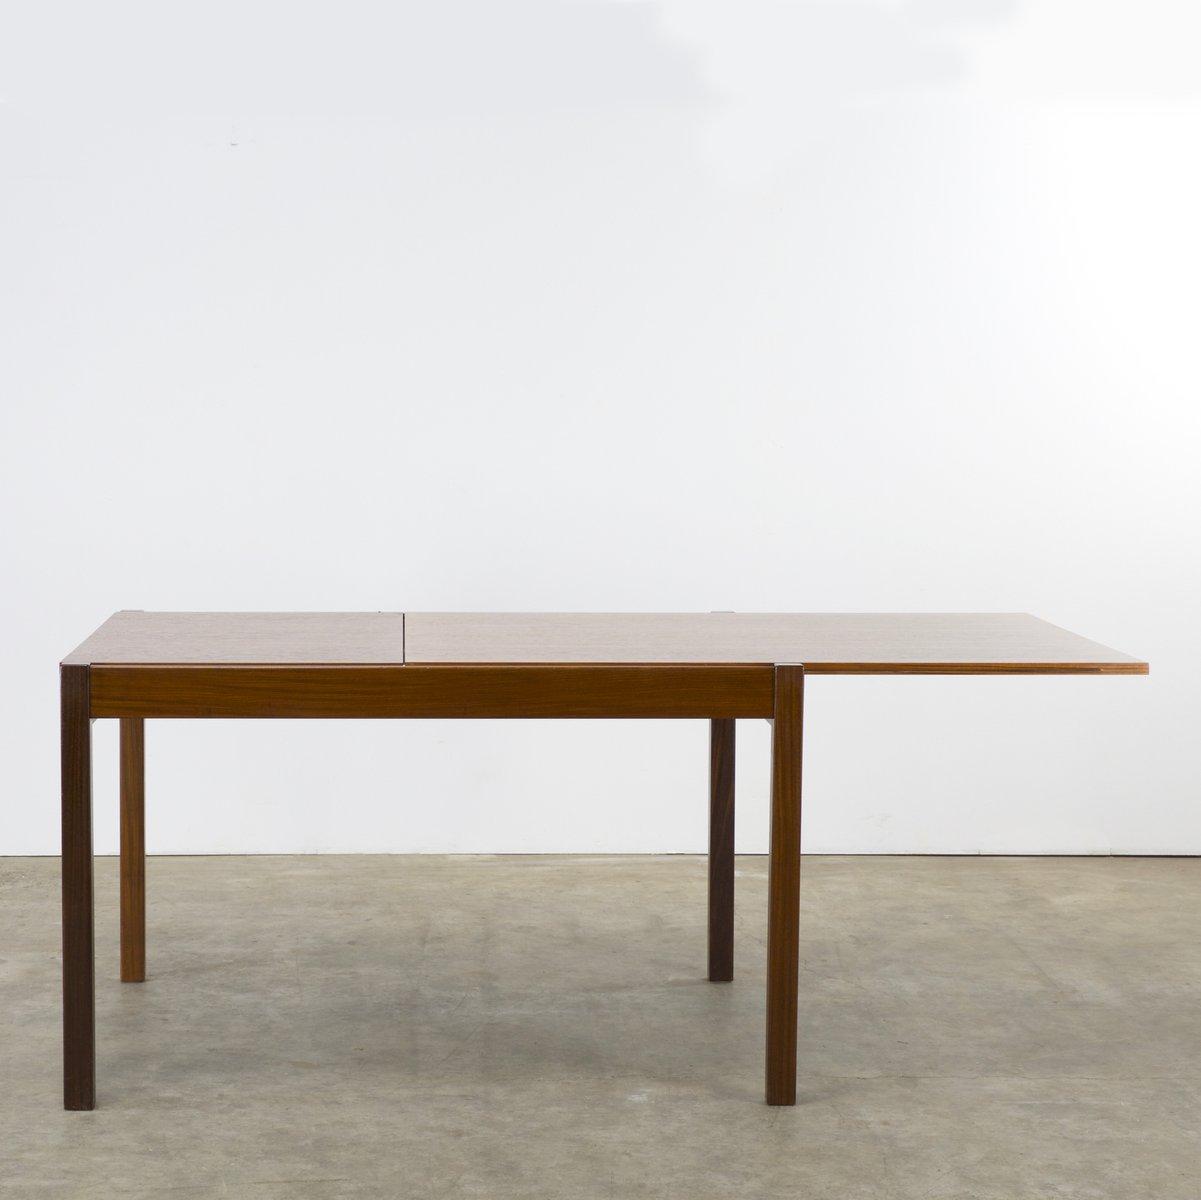 ausziehbarer teakholz esstisch von cees braakman f r pastoe 1960er bei pamono kaufen. Black Bedroom Furniture Sets. Home Design Ideas